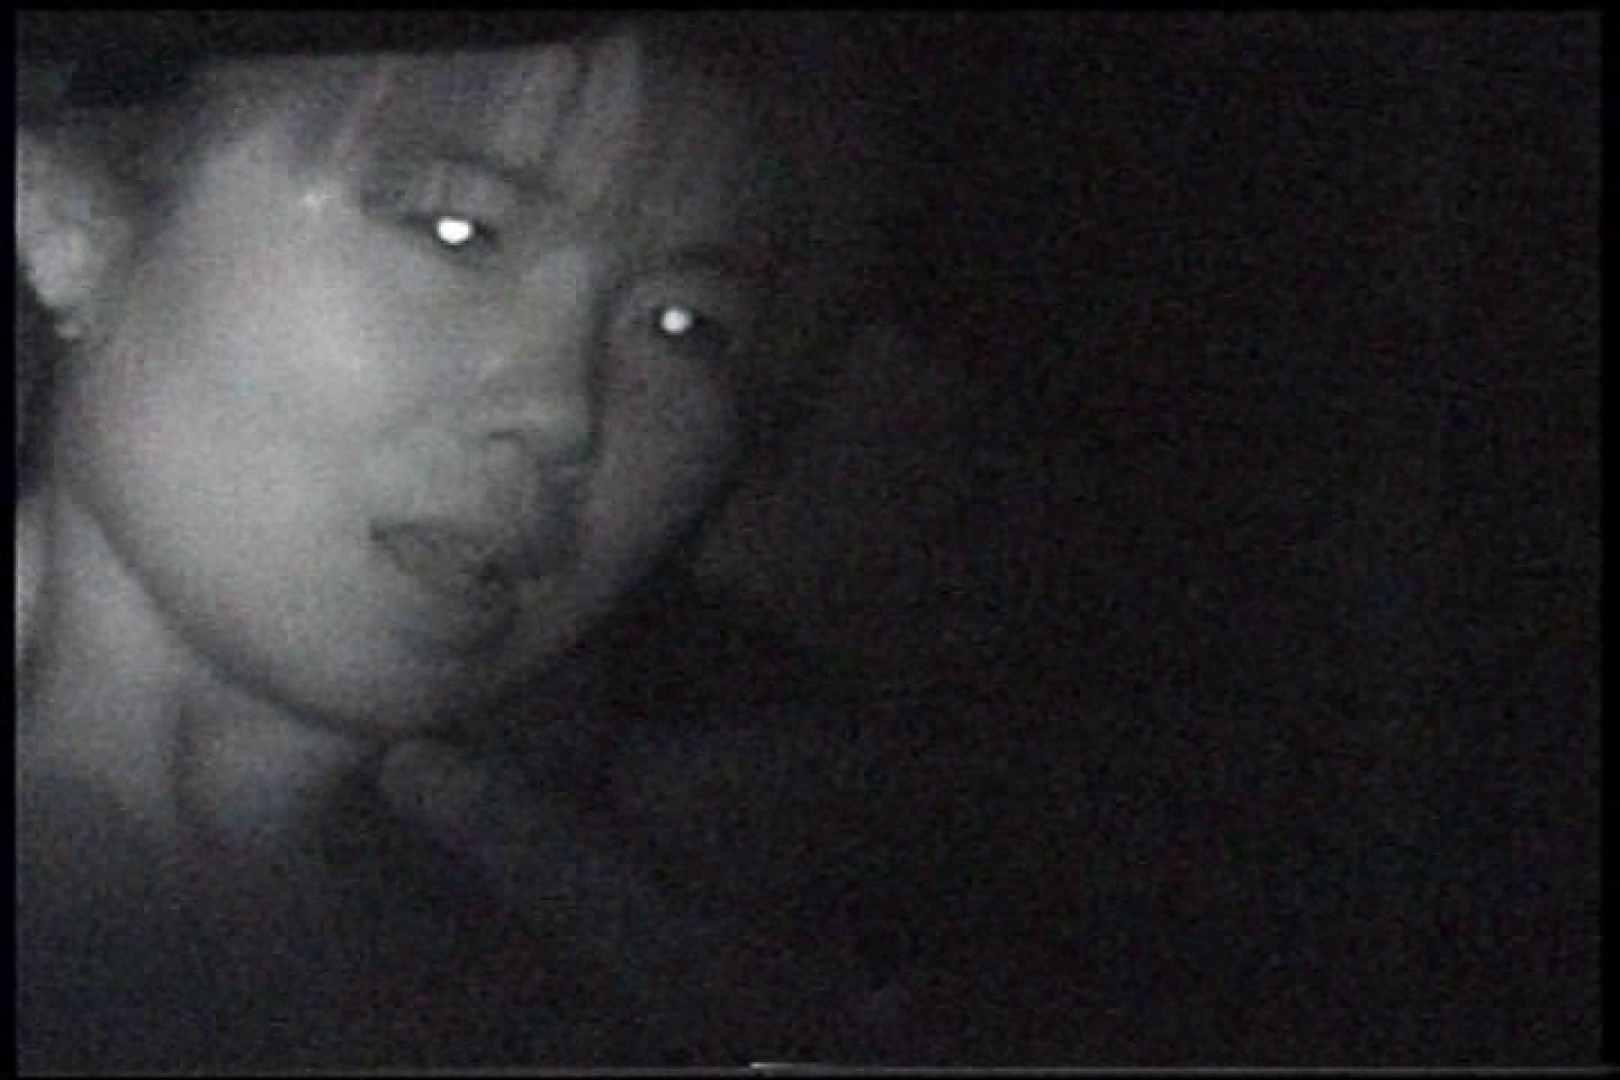 充血監督の深夜の運動会Vol.238 プライベート | エロティックなOL  92画像 73